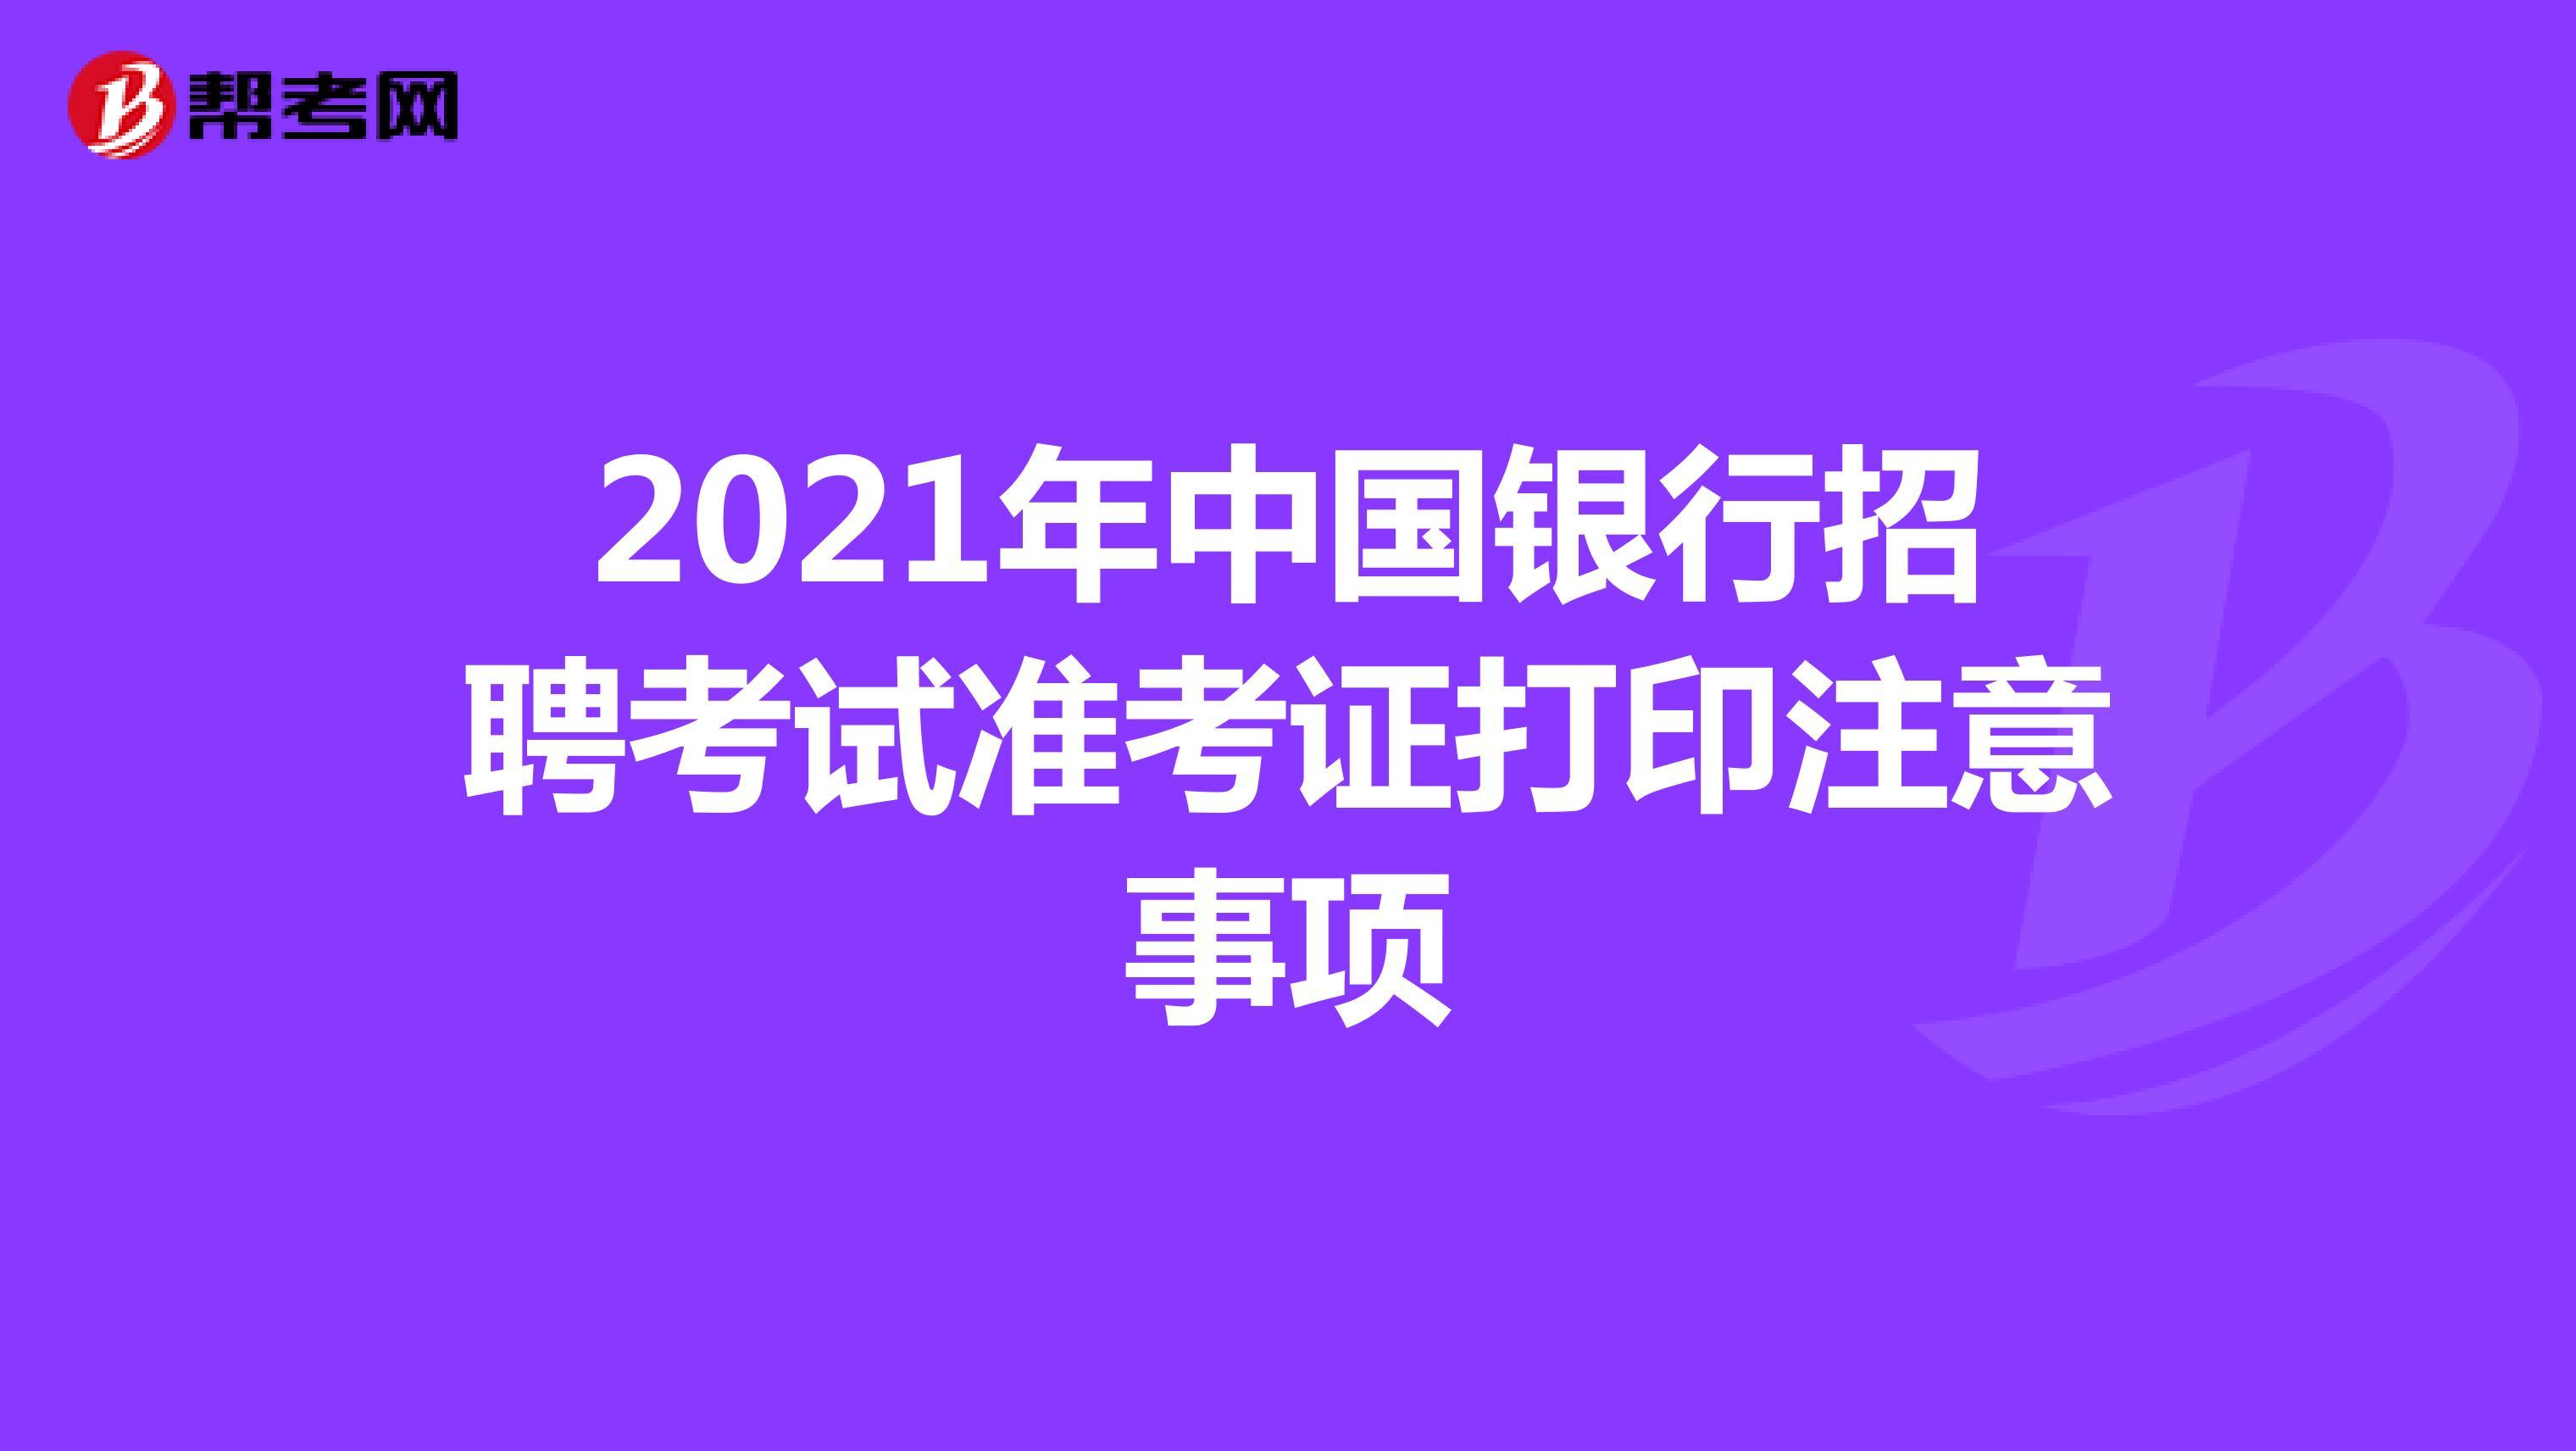 2021年中国银行招聘考试准考证打印注意事项